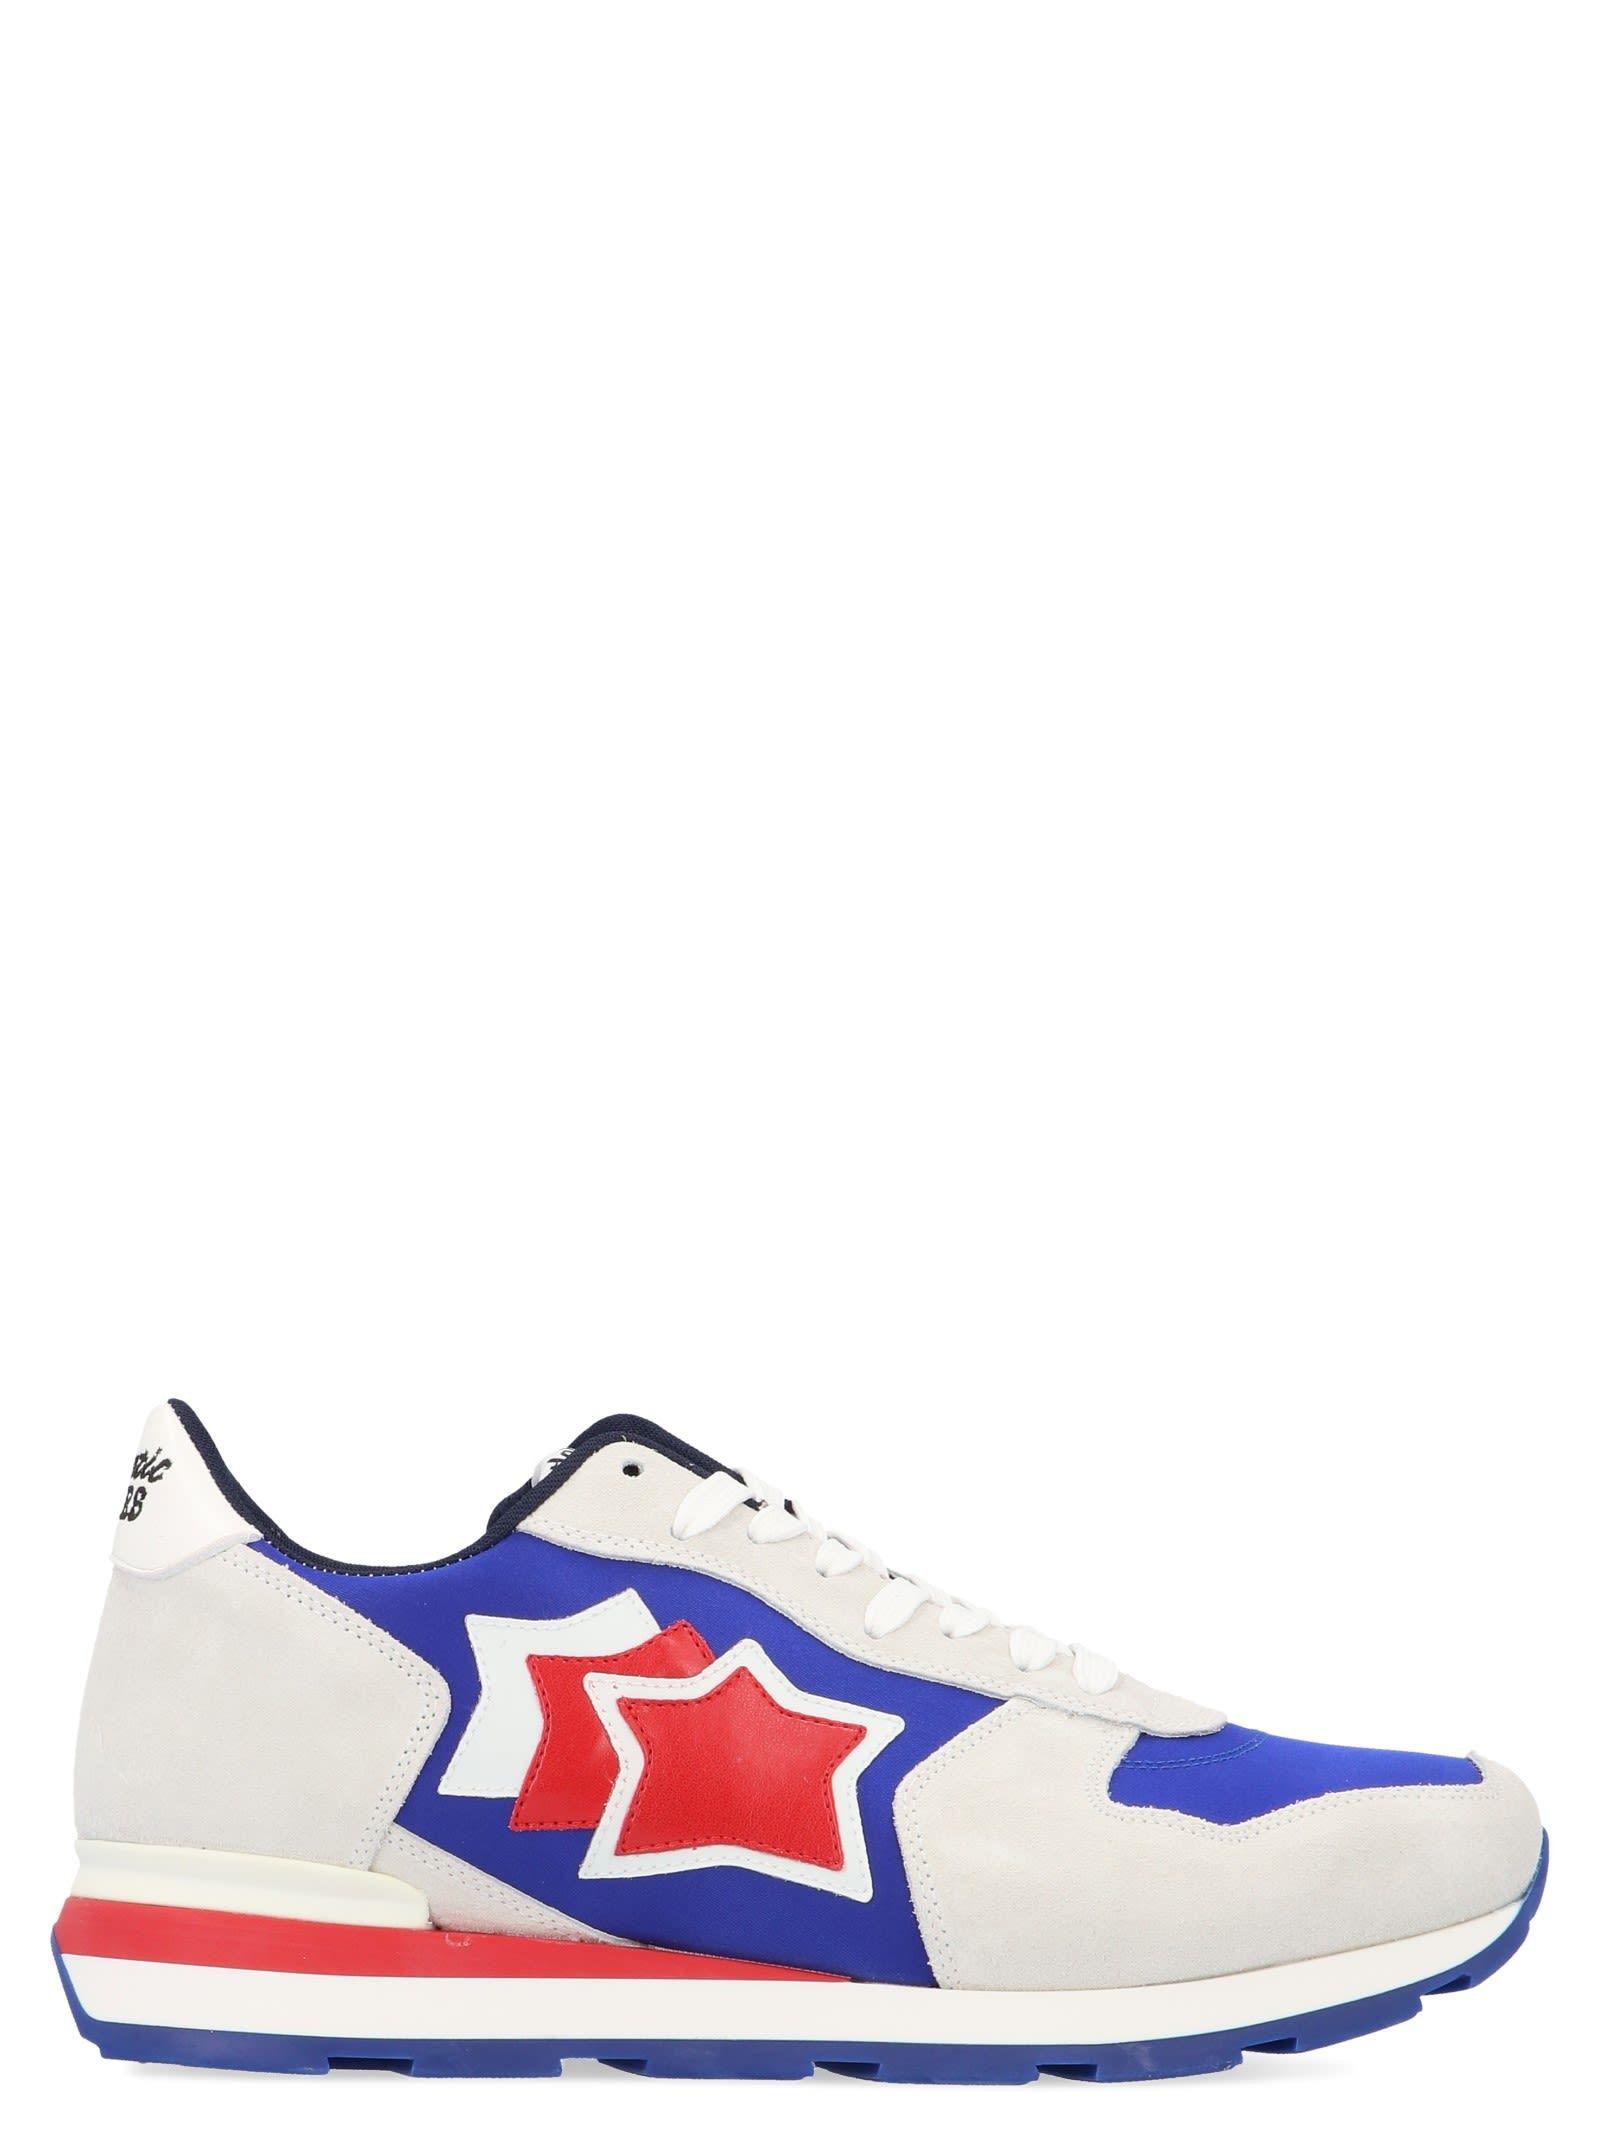 355e7e83cf198 ATLANTIC STARS  PEGASUS  SHOES.  atlanticstars  shoes